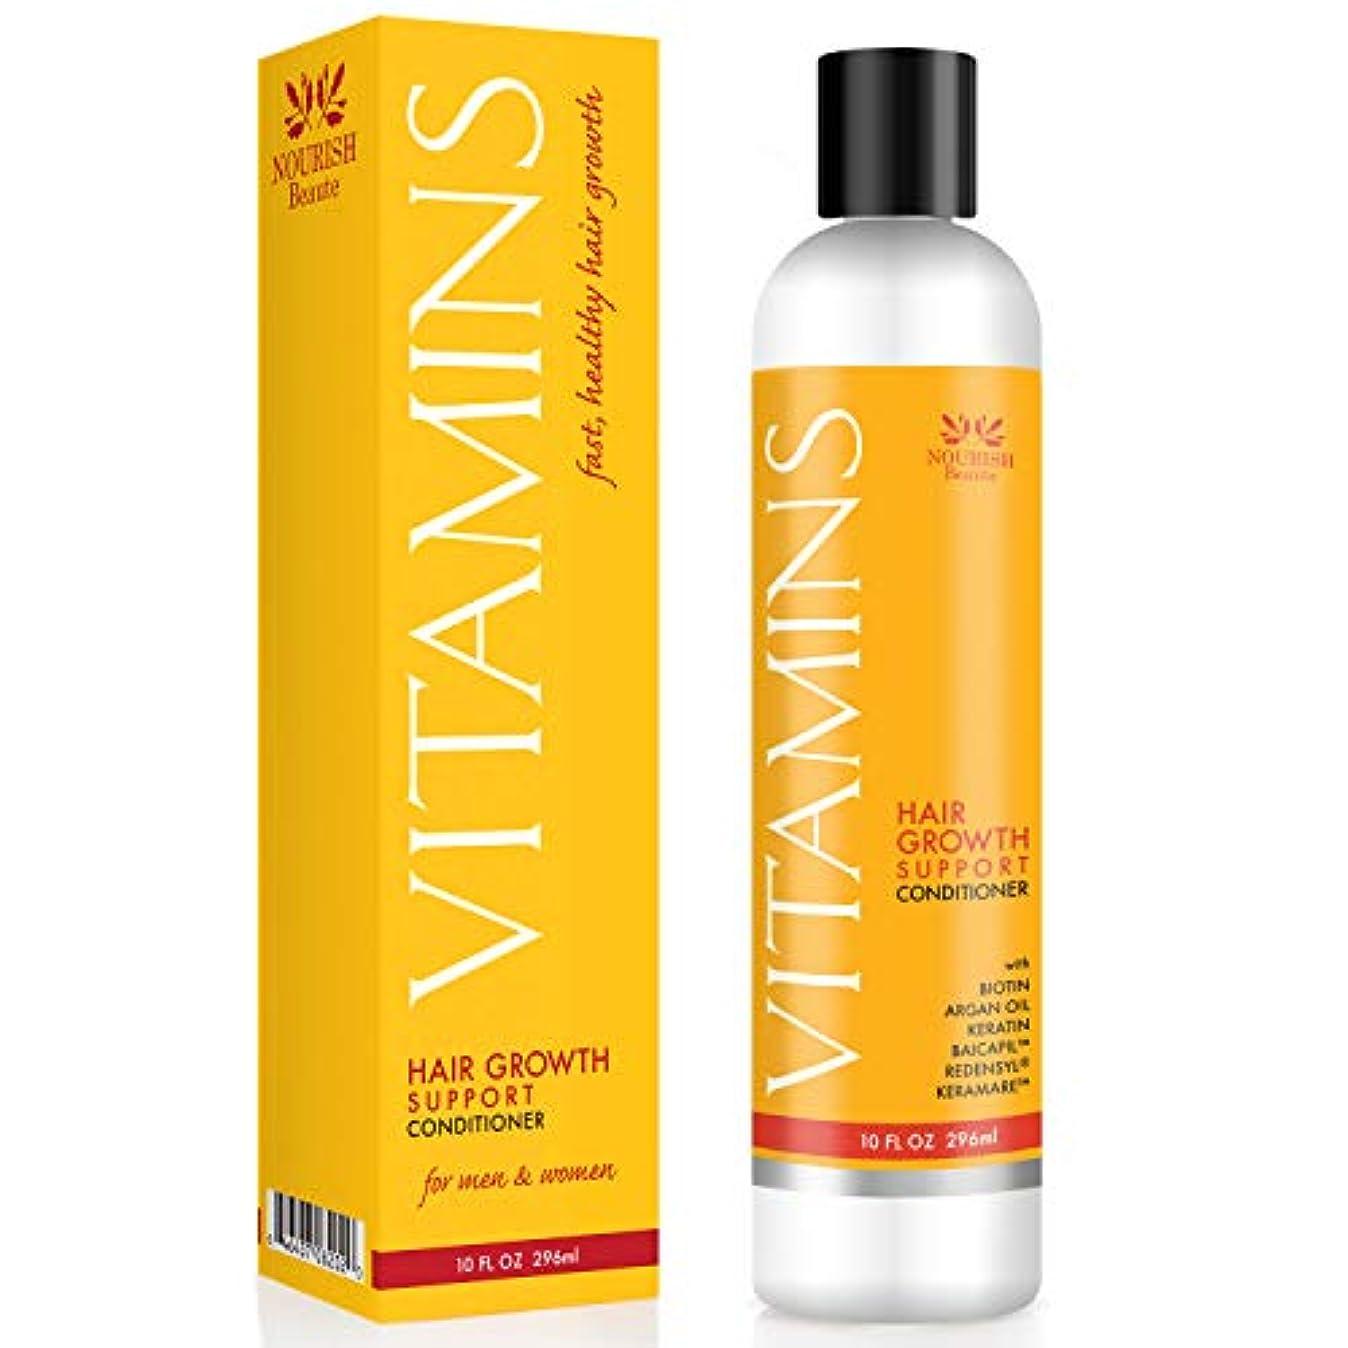 突き刺す外観回転Vitamins - オーガニック 脱毛トリートメント コンディショナー Organic Hair Loss Treatment and Conditioner, 10 Ounce (296ml)